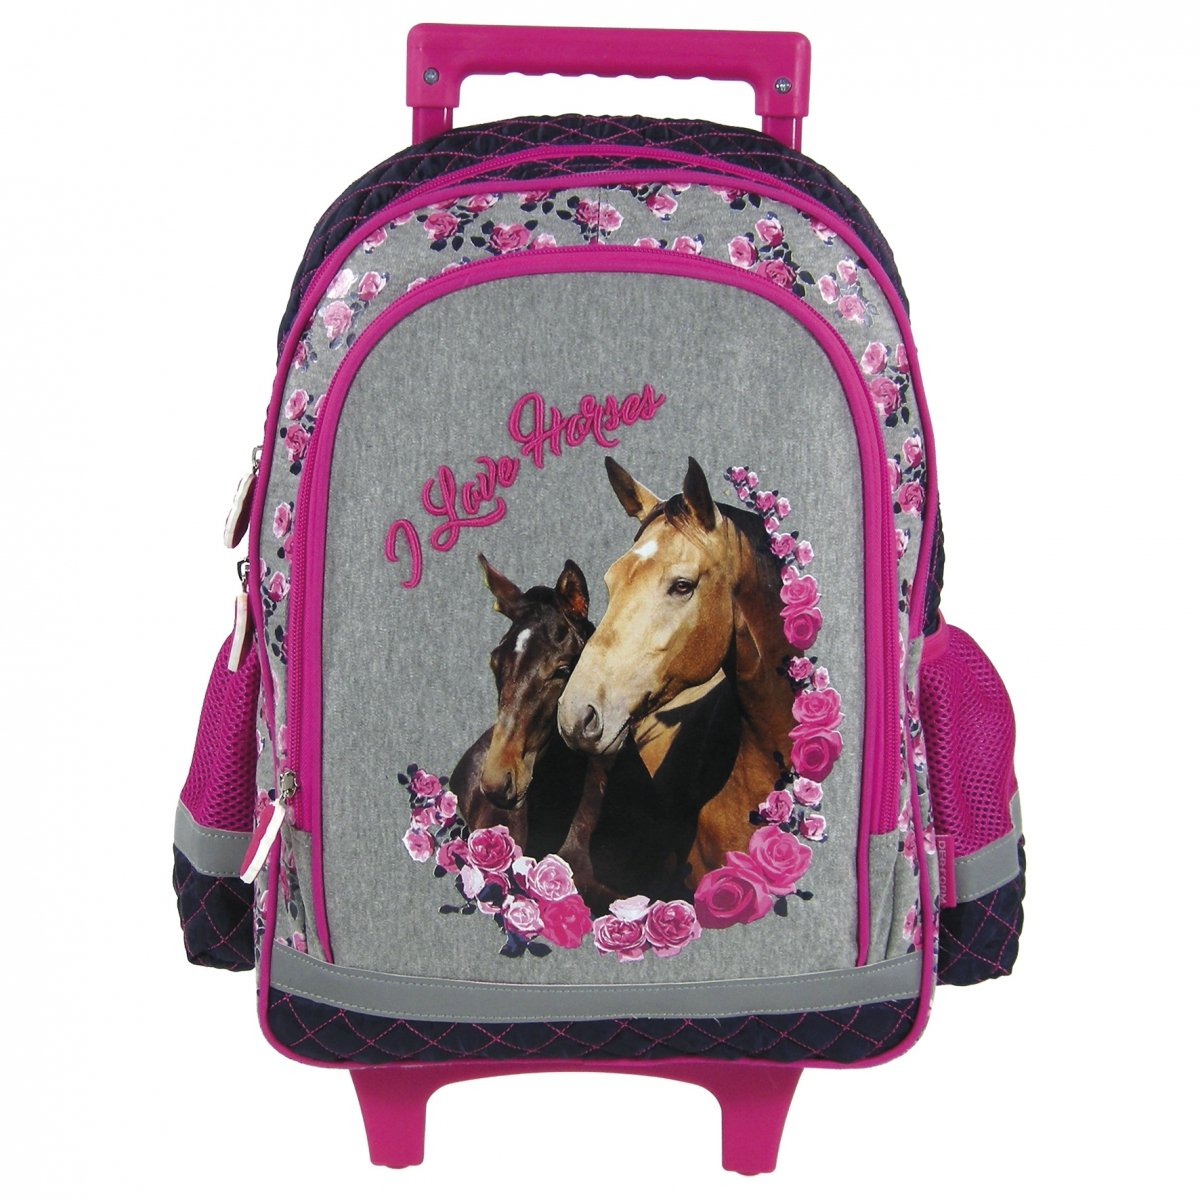 6500beed1ba7a Plecak szkolny na kółkach I Love Horses KONIE (PL15KKO13)